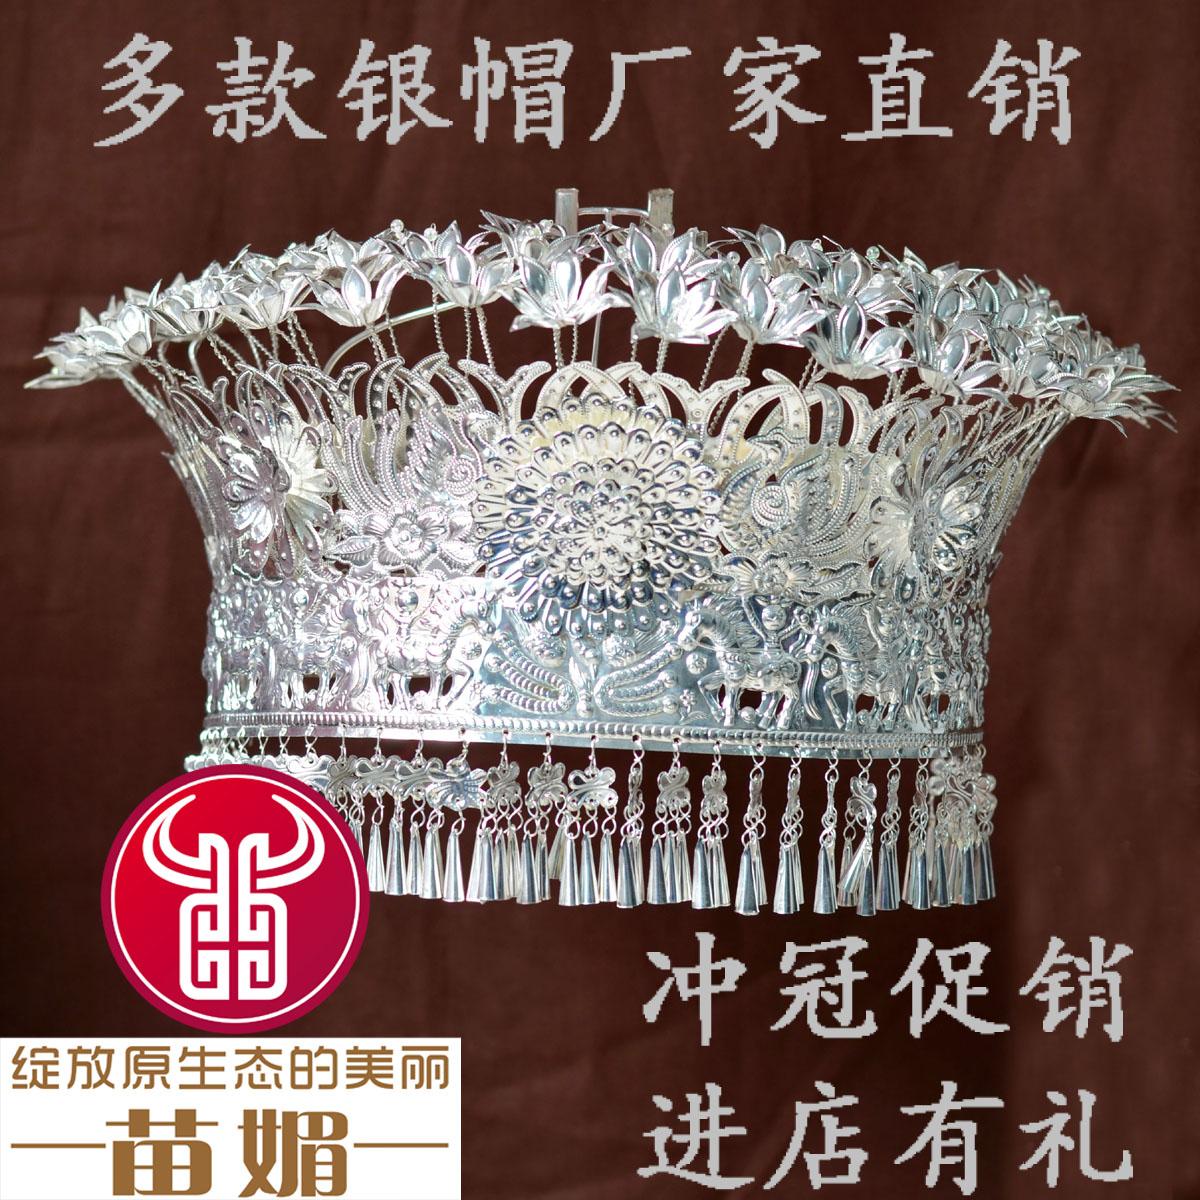 苗族头饰帽子银项圈项链舞蹈演出服装新娘装 苗族银帽子